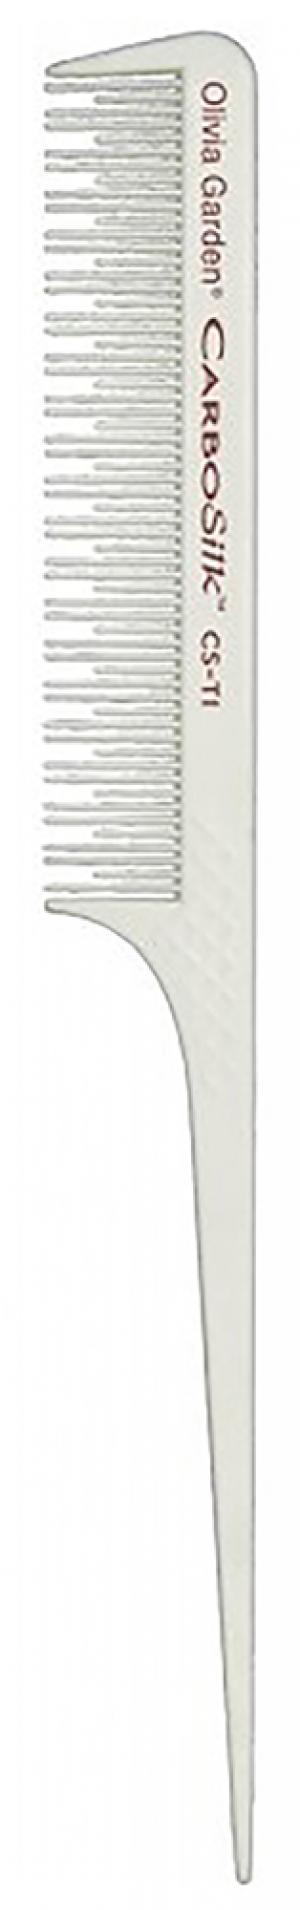 Расческа с пластиковым хвостиком для начеса Olivia Garden Carbon+Ion ST1  - 00-00001515